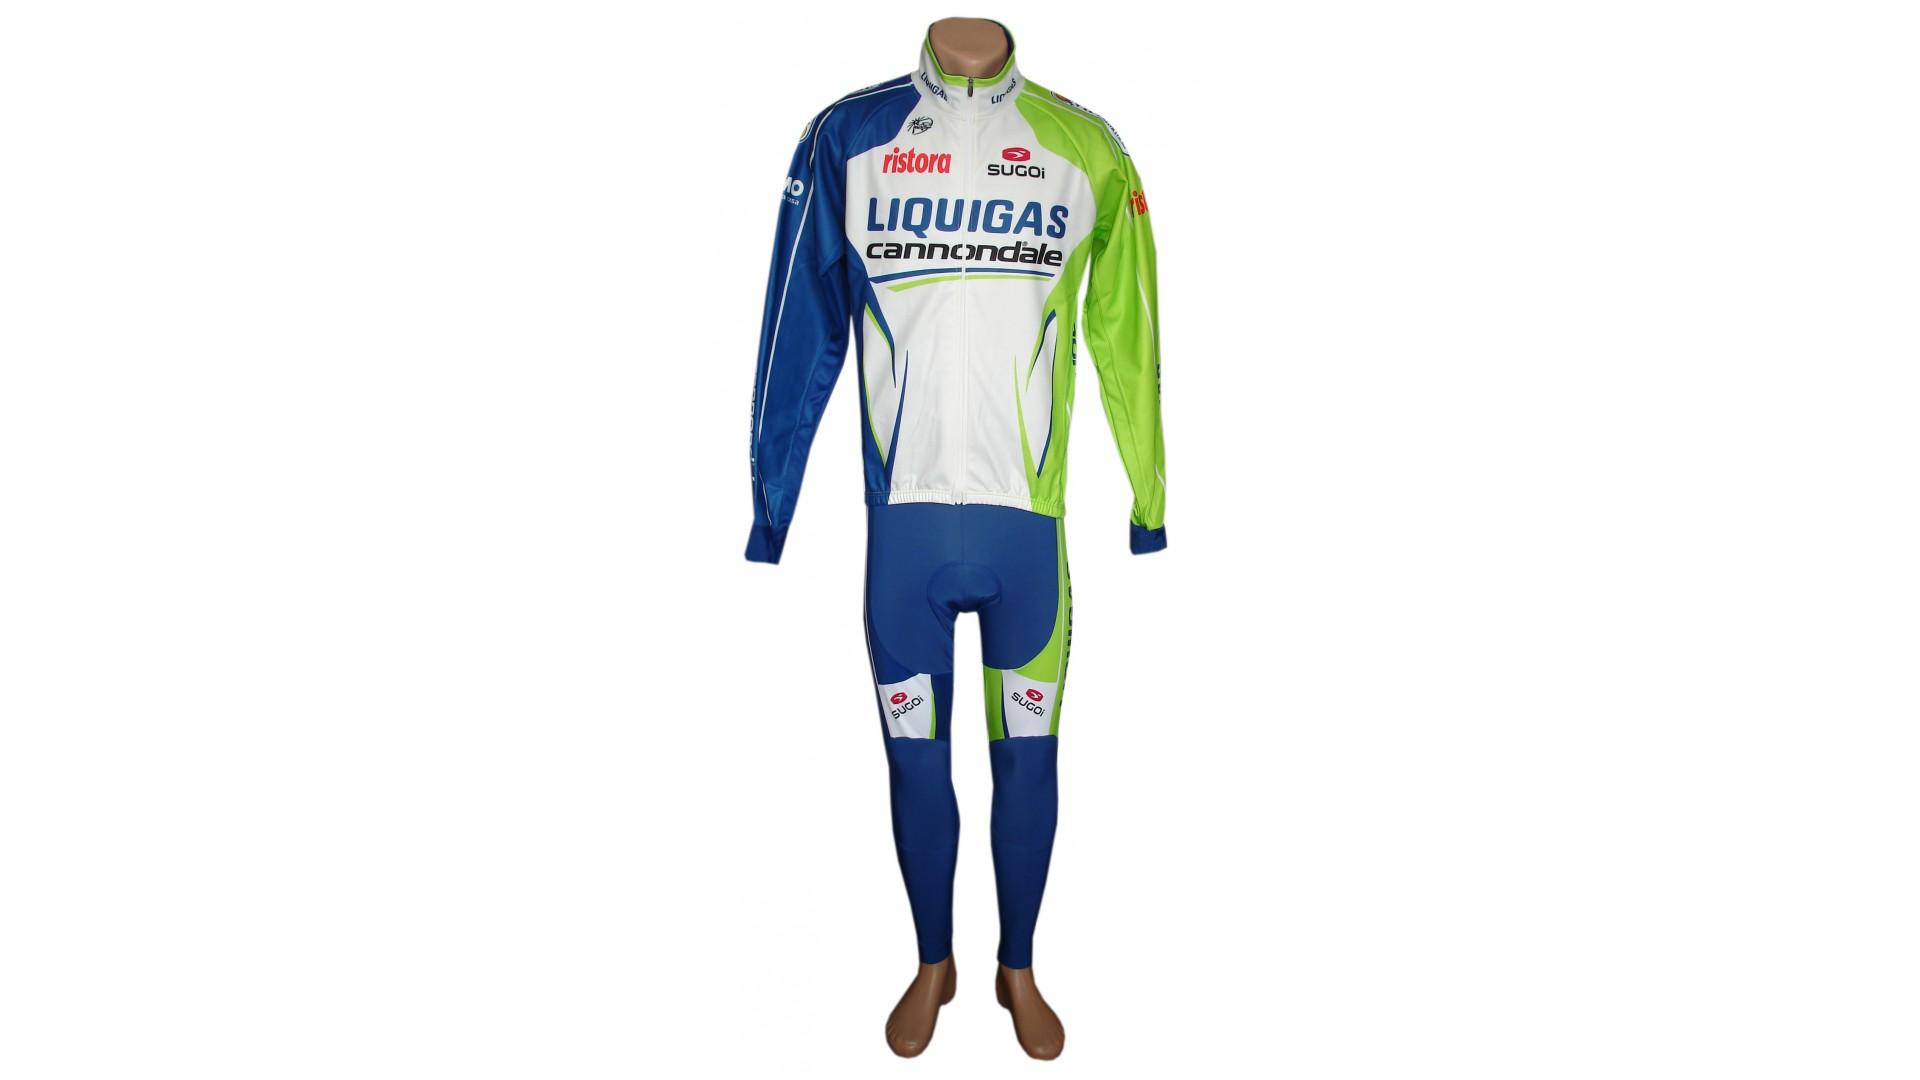 Велокуртка Nalini Liquigas зимняя общий вид спереди